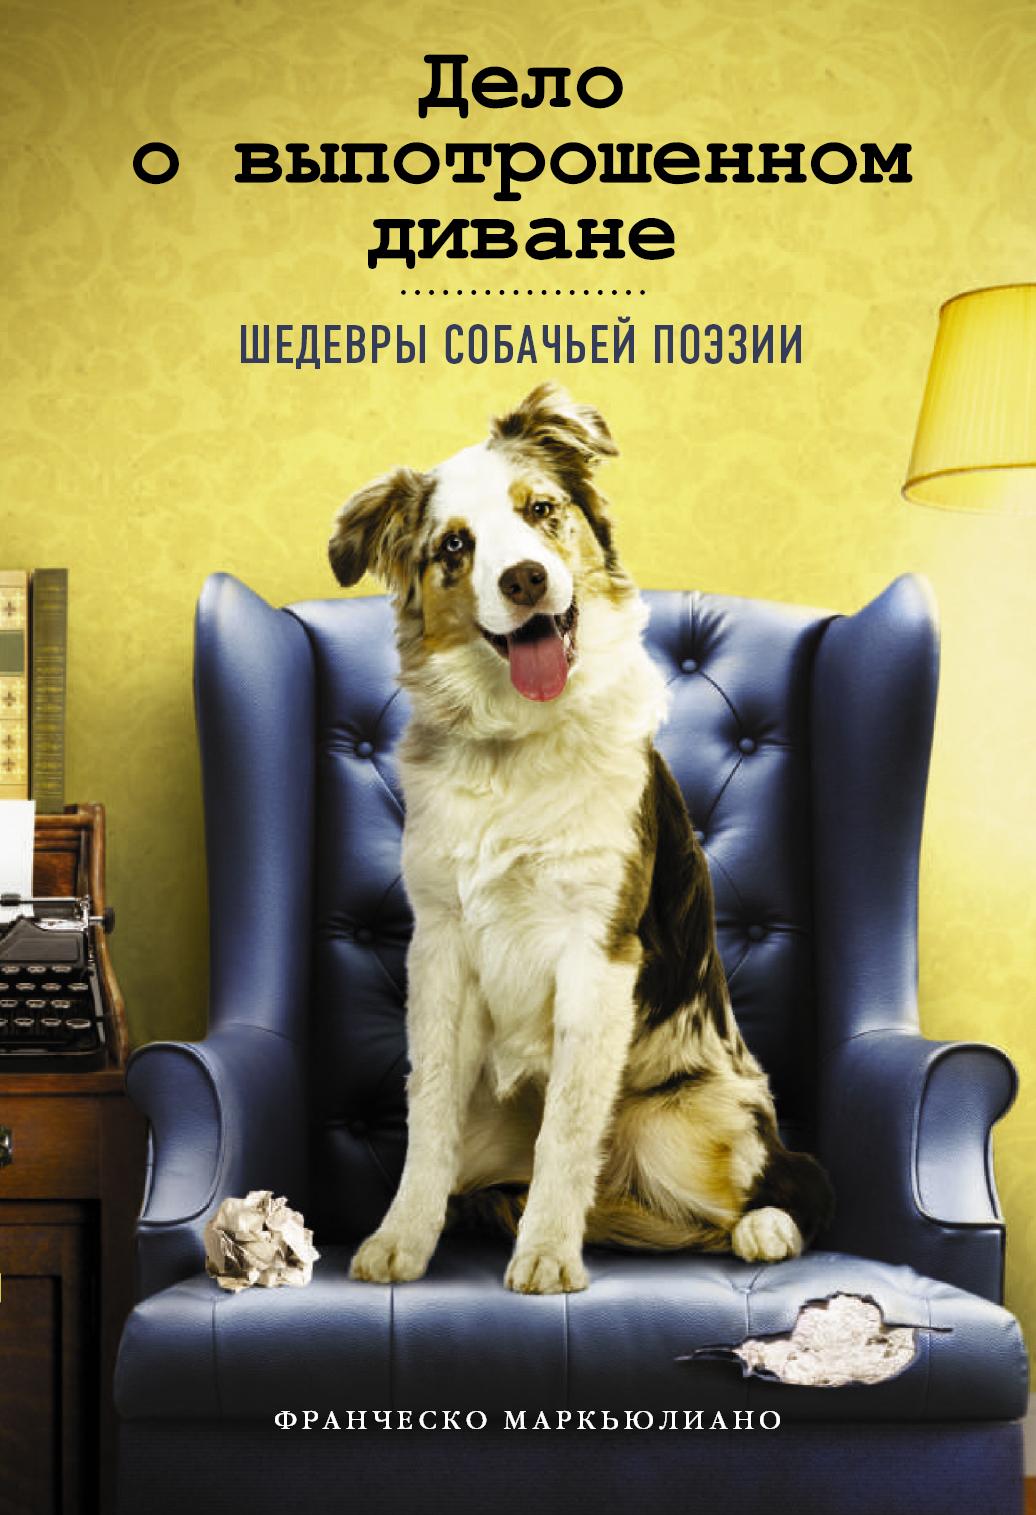 Дело о выпотрошенном диване. Шедевры собачьей поэзии ( Маркьюлиано Ф.  )